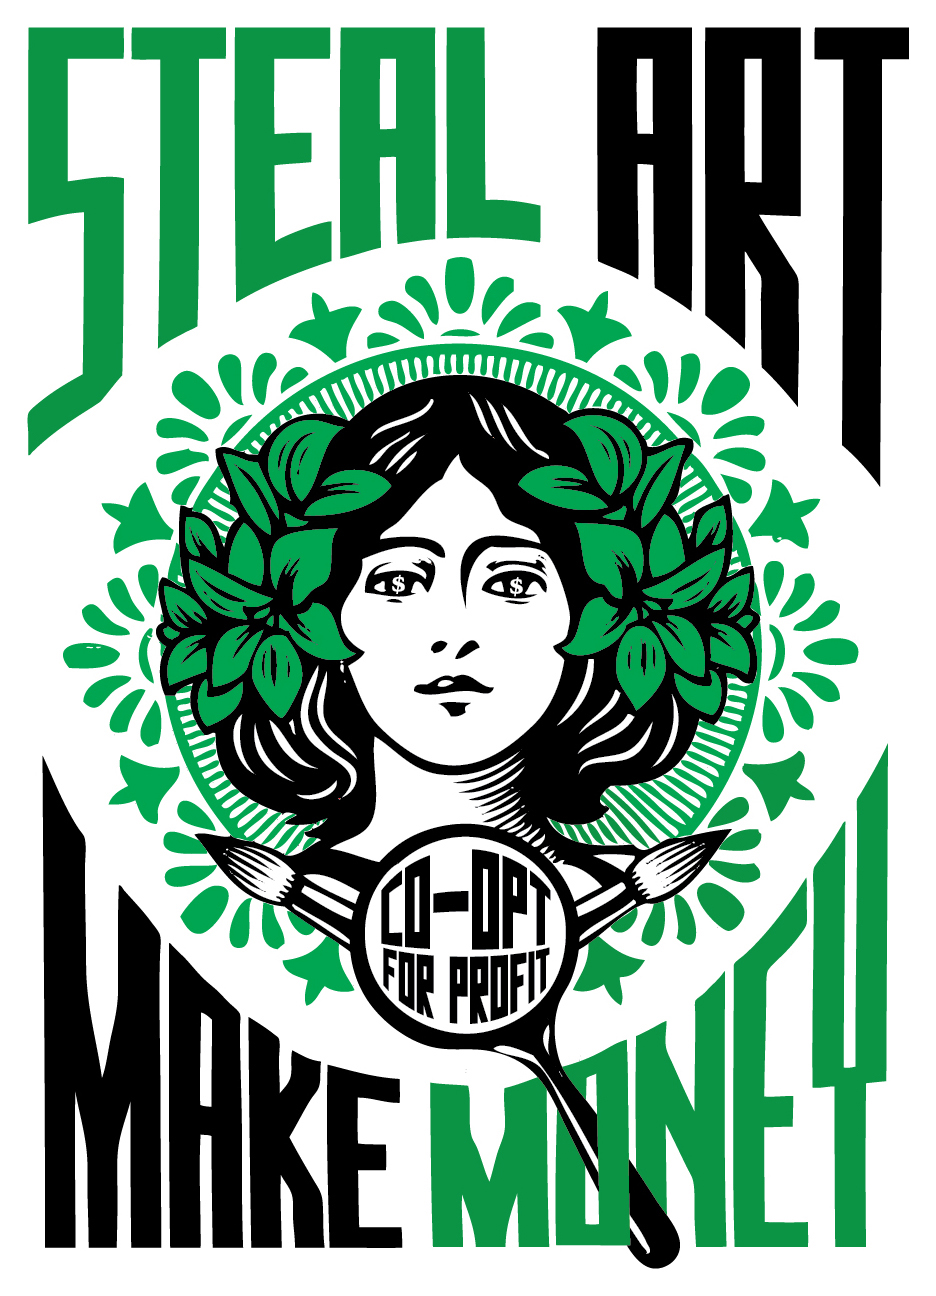 3,4 - Steal Art Make Monery, Steal Art Make Money Green